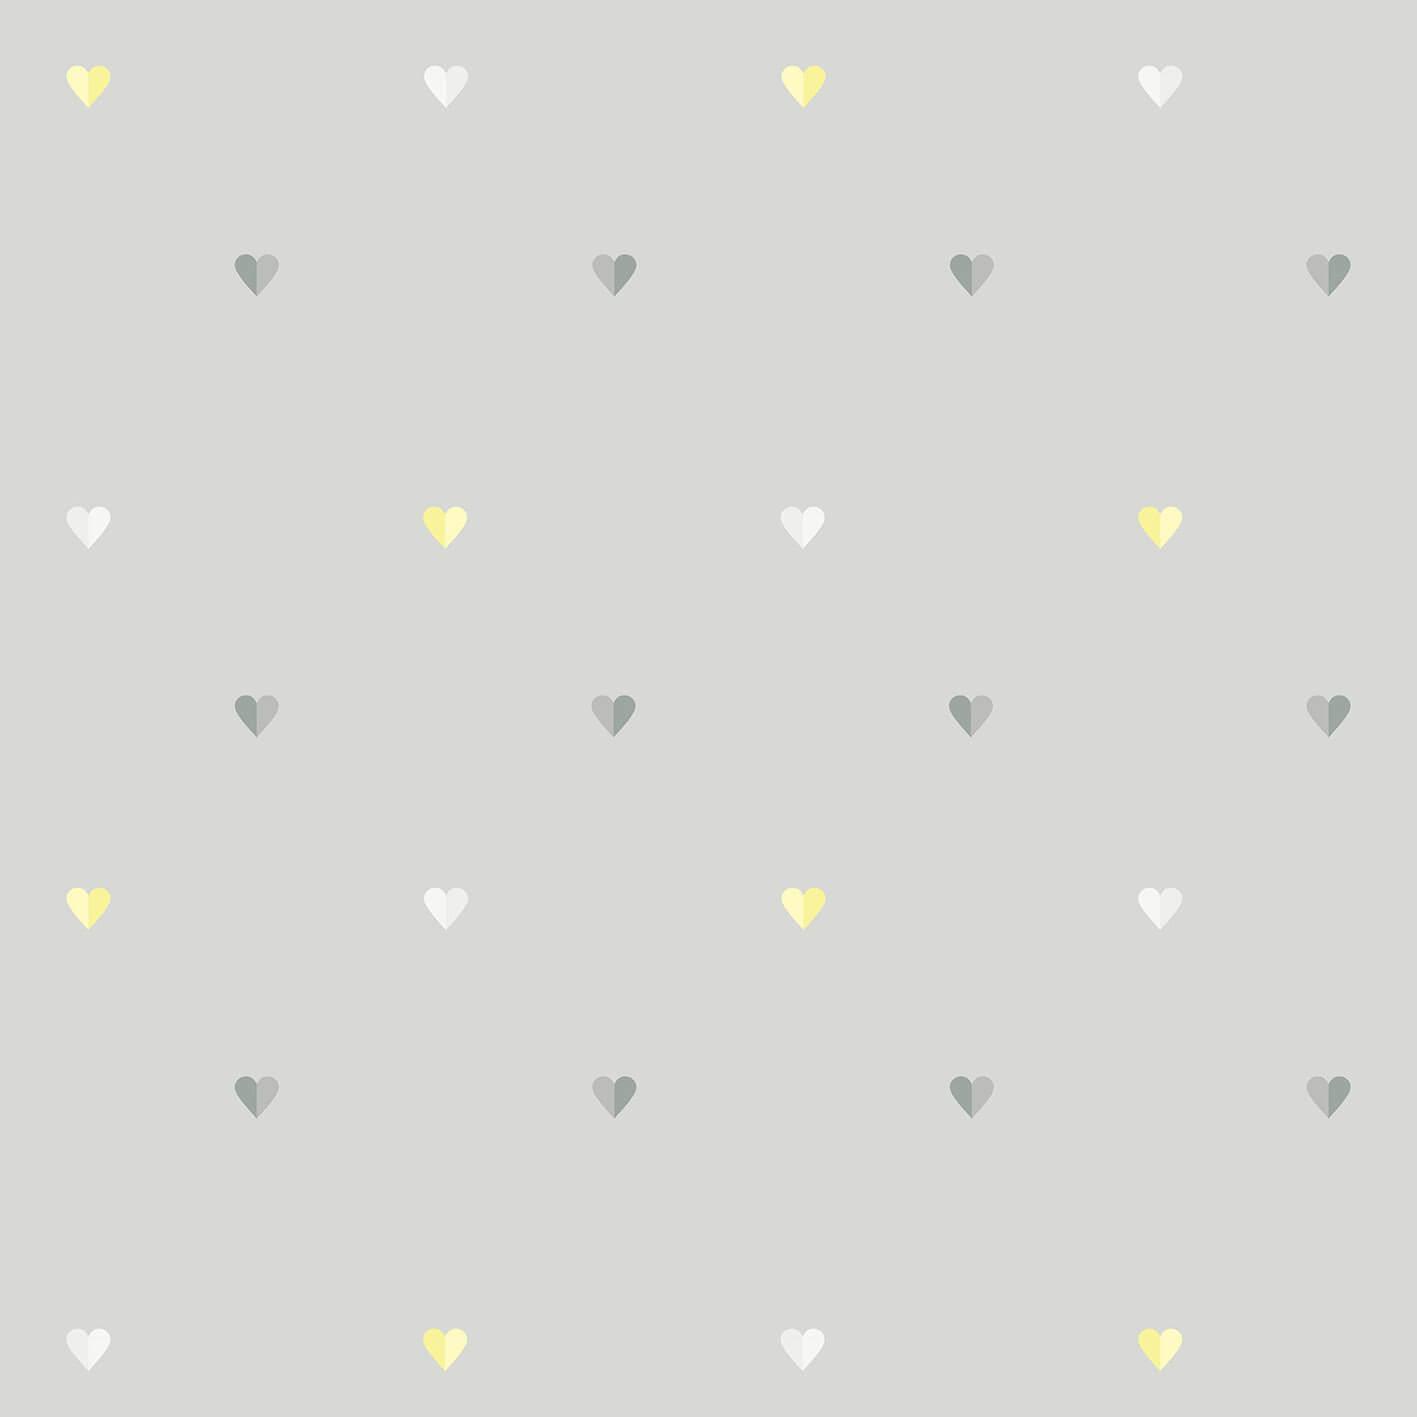 Papel de parede coração bicolor